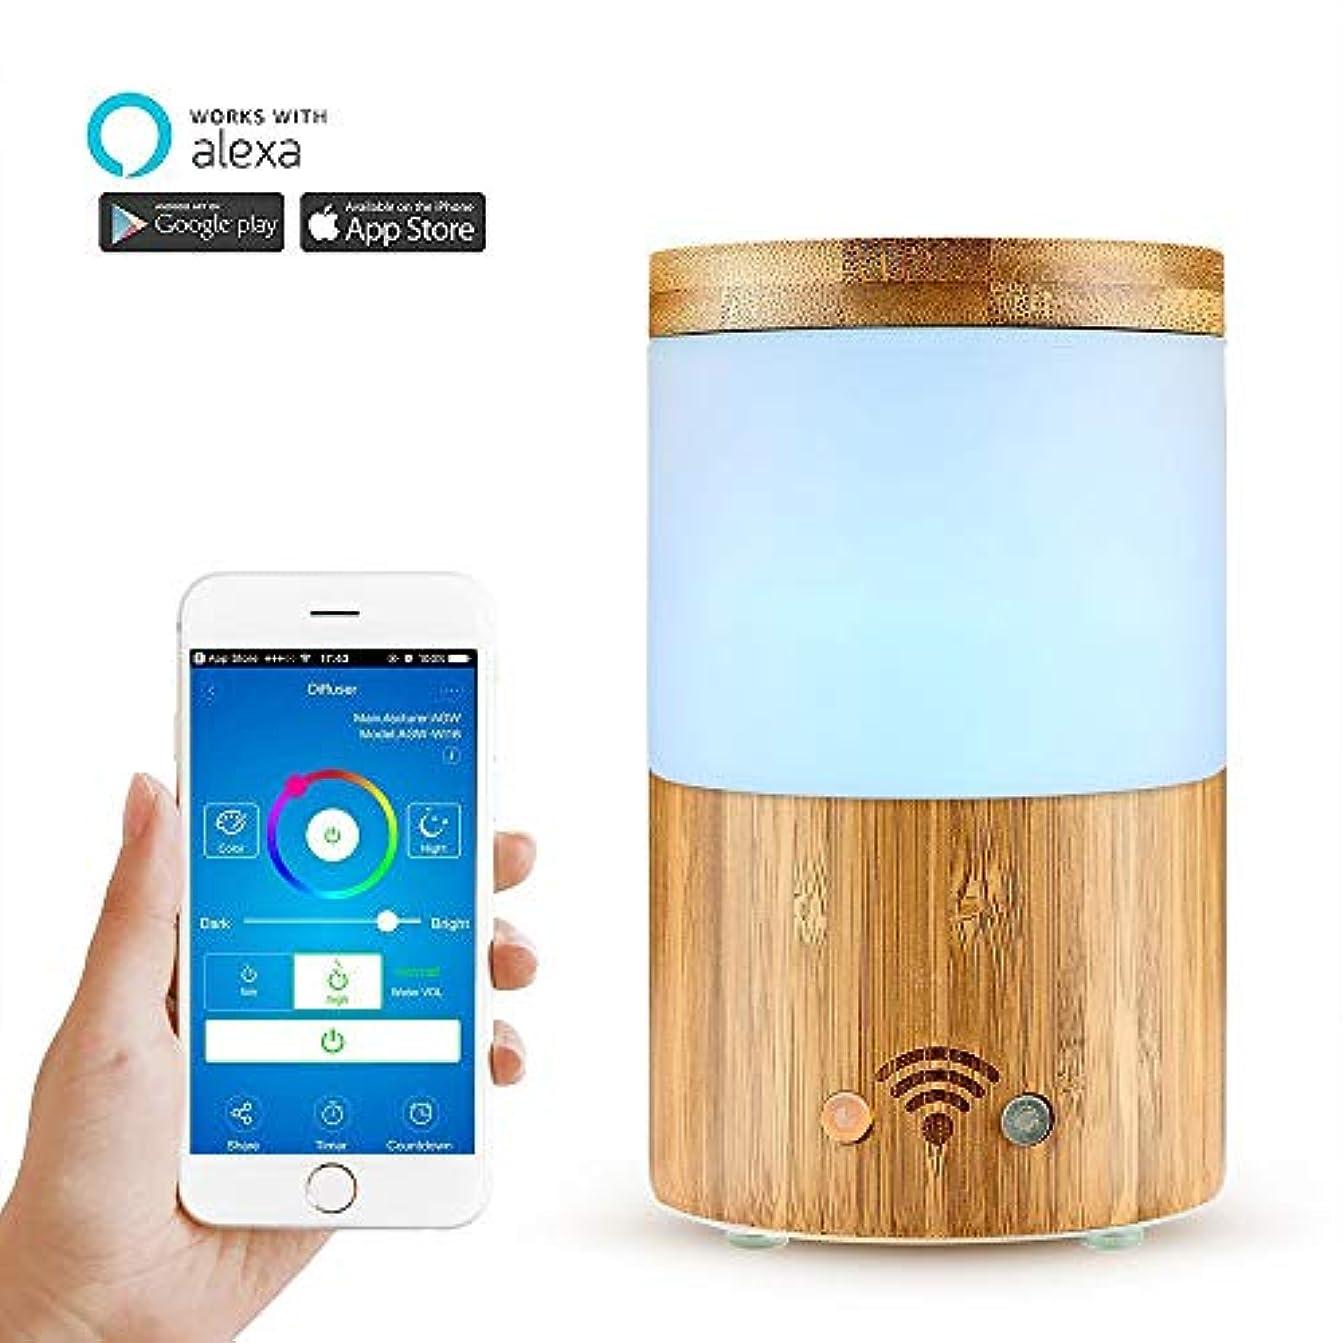 細心の報奨金でWifiワイヤレスアロマエッセンシャルオイルディフューザー、電話アプリ、音声コントロール-スケジュールの作成-160mlディフューザーと加湿器-LEDとタイマーの設定